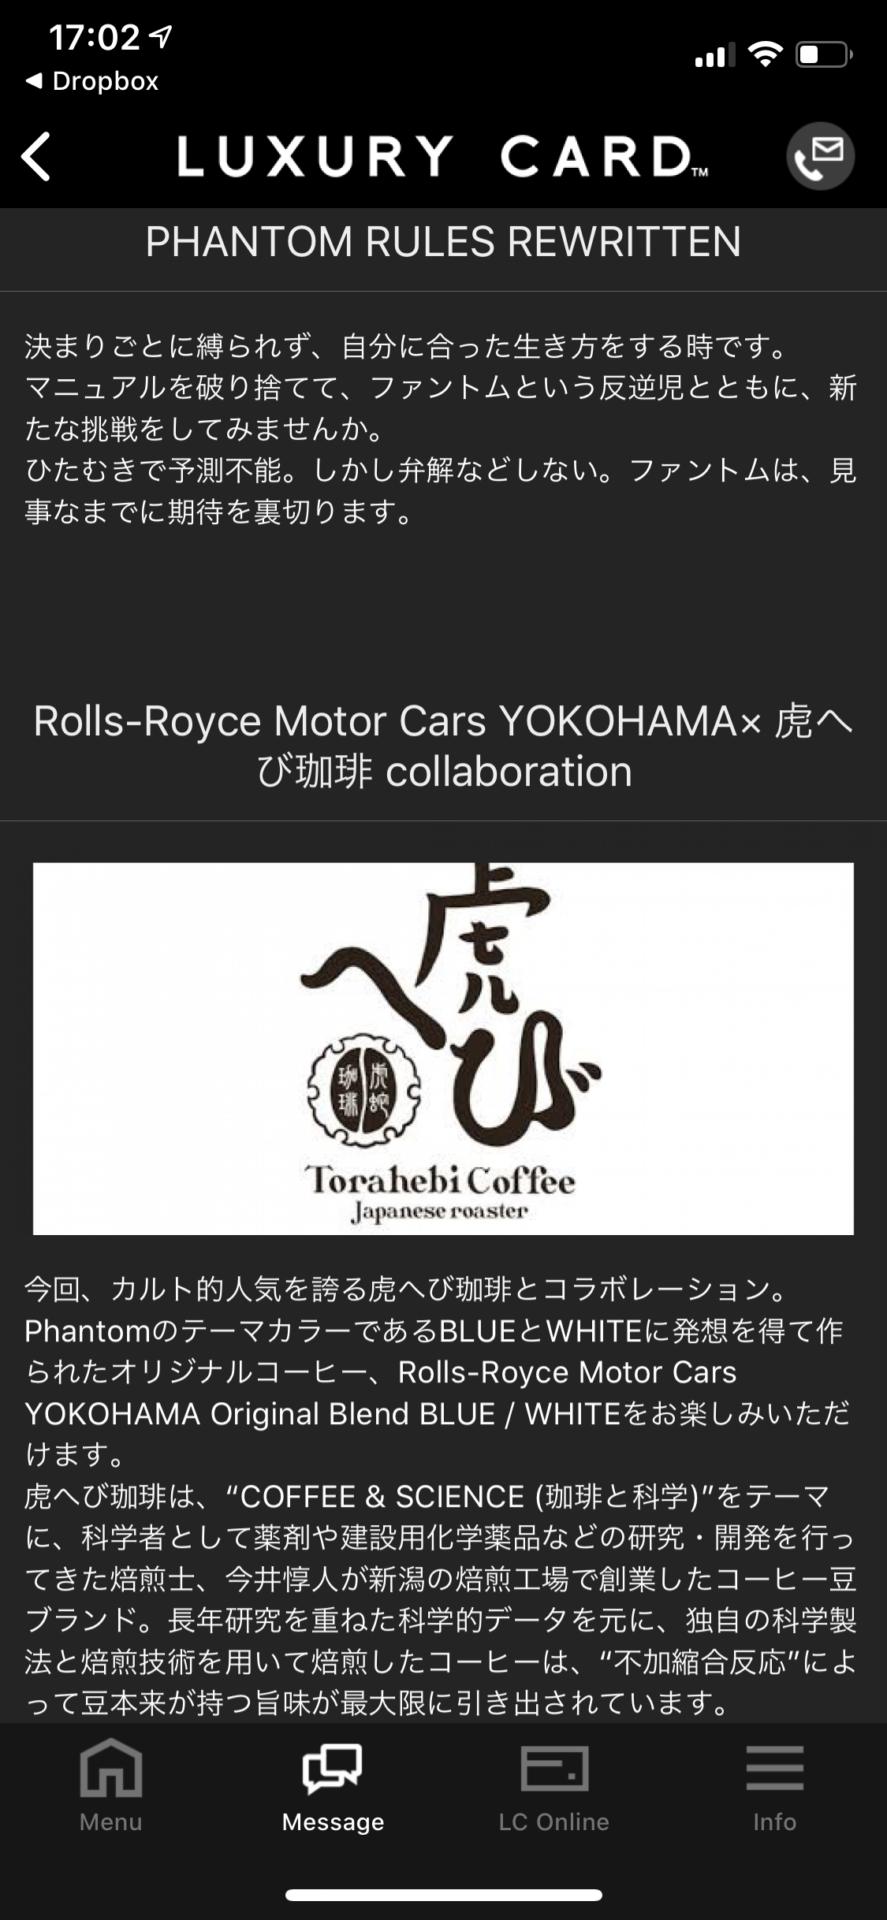 ラグジュアリーカード ゴールドのロールス・ロイス のプライベートショーへの招待 (4)